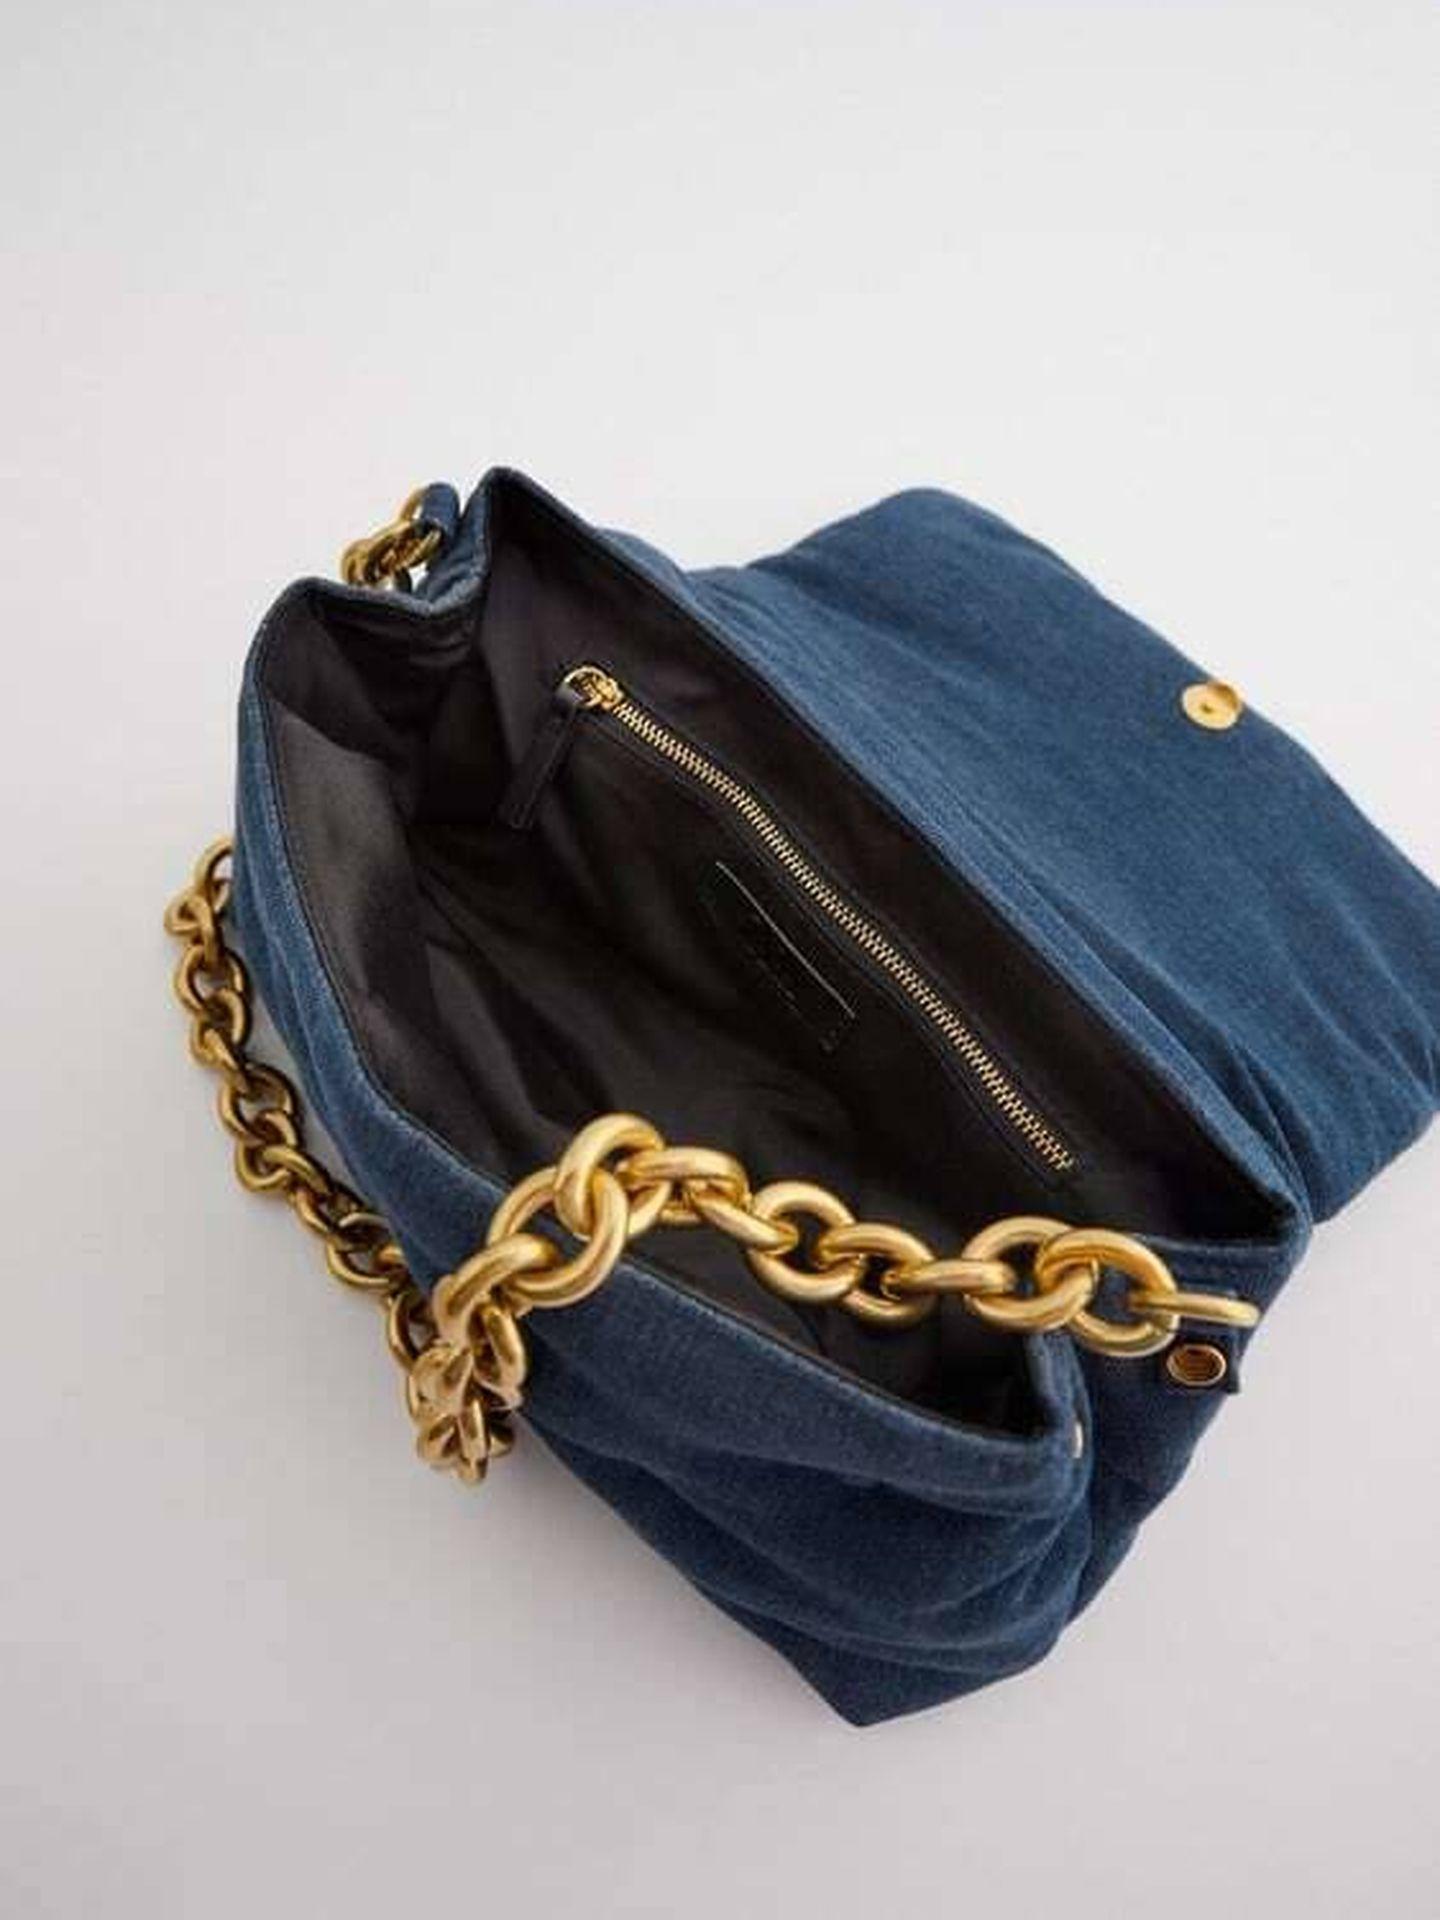 El bolso vaquero de Zara. (Cortesía)